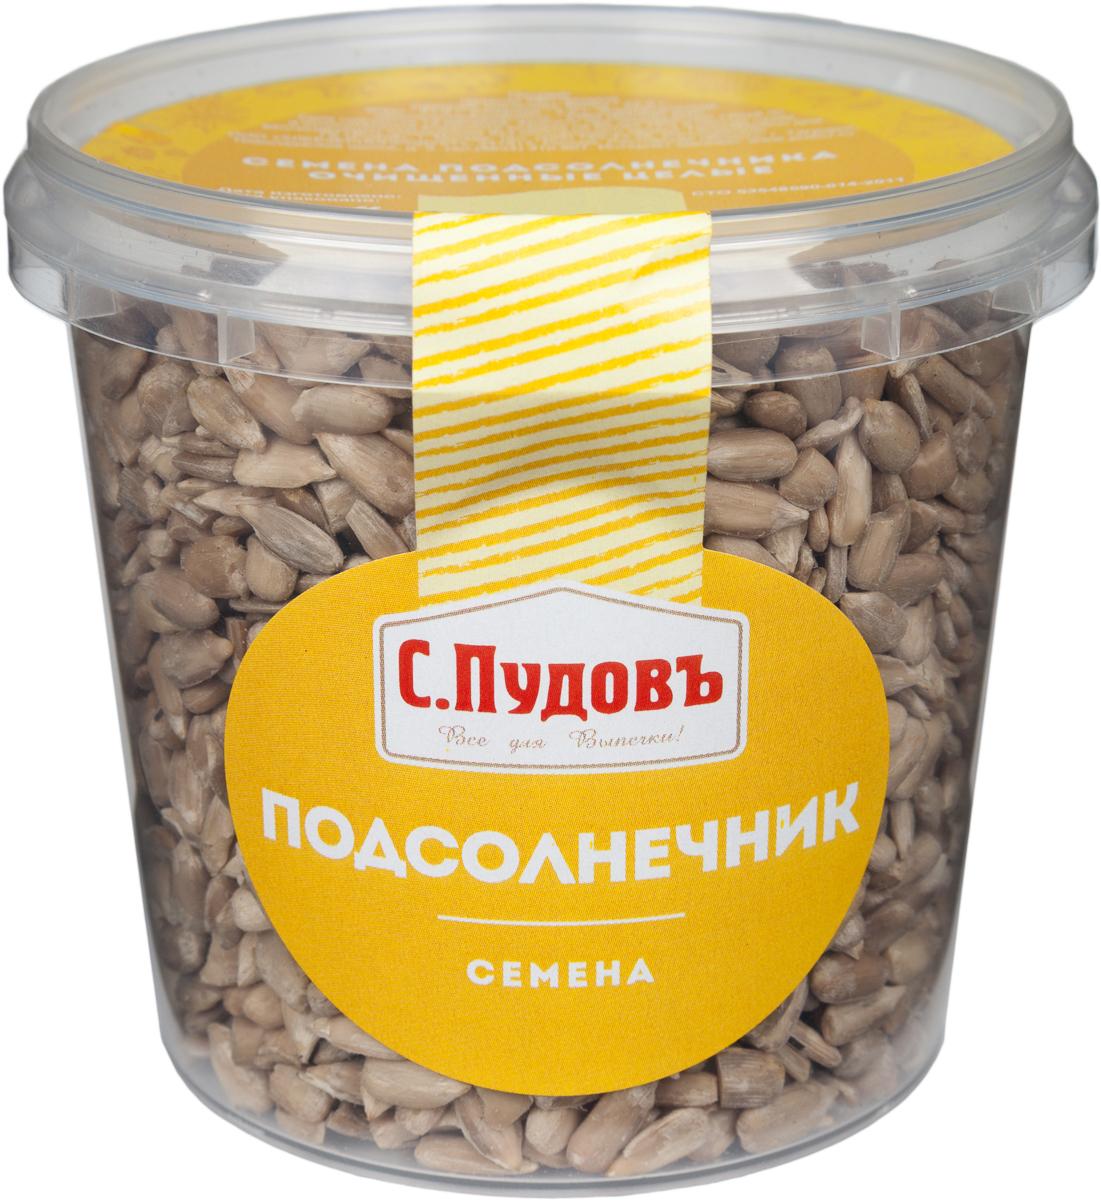 Пудовъ семена подсолнечника очищенные целые, 170 г4607012297211Очищенные семена подсолнечника — продукт, знакомый каждому с детства. Ядро подсолнечника богат полезными веществами и микроэлементами; он содержит фосфор, магний, кальций, калий, витамины В, D, Е. Белки, минералы, полинасыщенные жирные кислоты, которые также входят в состав семян, обладают пищевой и биологической ценностью.Лайфхаки по варке круп и пасты. Статья OZON Гид